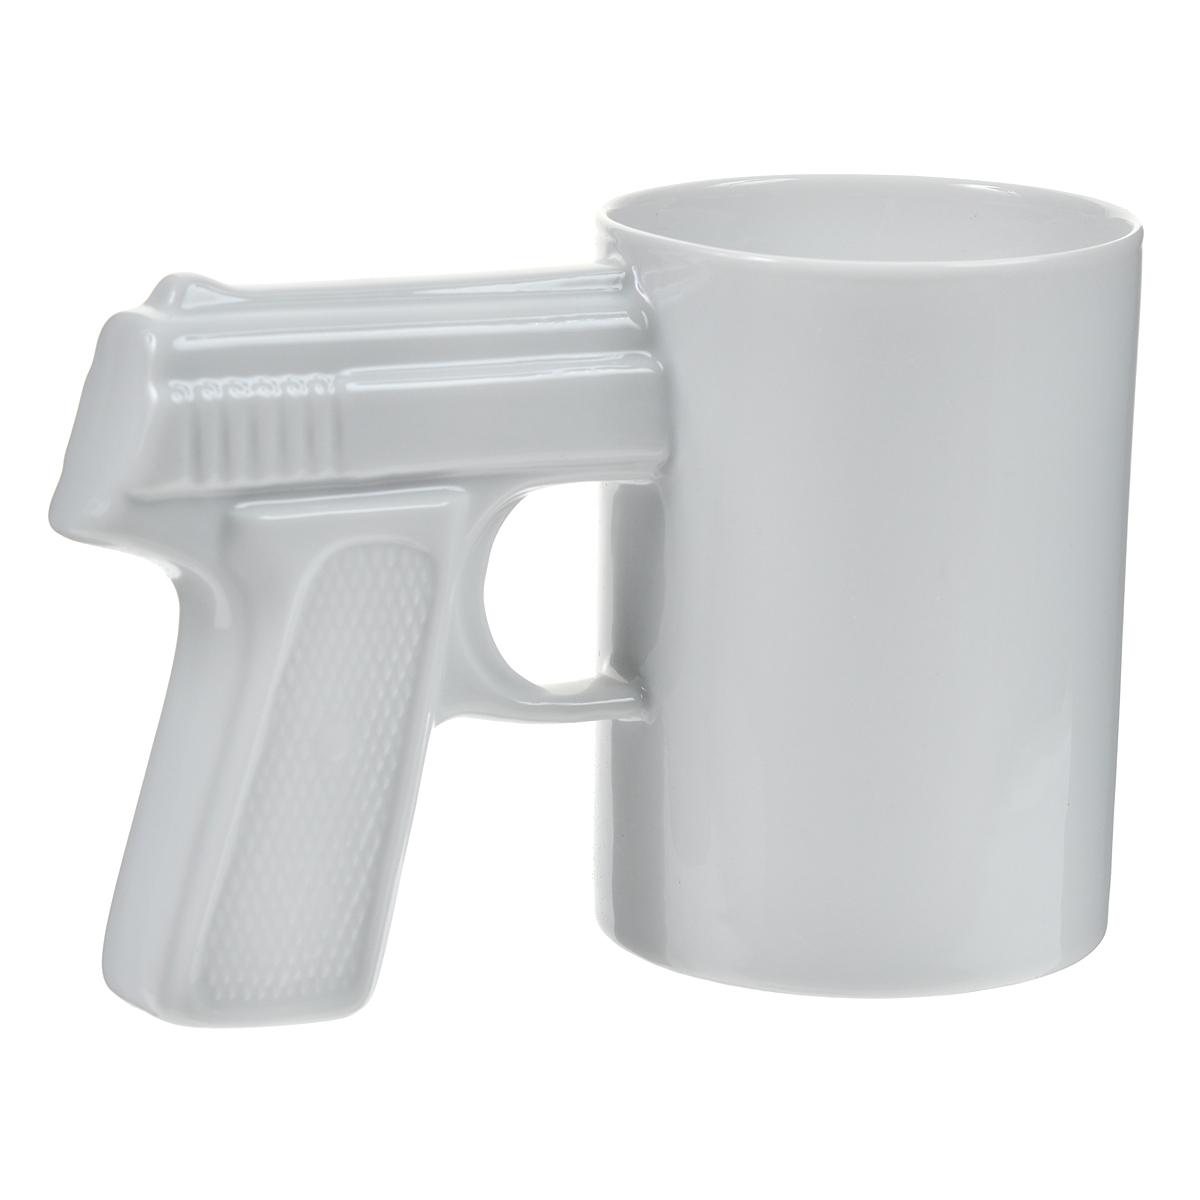 Кружка Пистолет, цвет: белый. 003429003429Оригинальная кружка Пистолет выполнена из керамики. Ручка кружки выполнена в виде рукоятки пистолета. Такая кружка станет не только приятным, но и практичным сувениром, а оригинальный дизайн вызовет улыбку. Характеристики:Материал:керамика. Высота кружки:10,2 см. Диаметр по верхнему краю: 7,5 см. Размер упаковки:12,5 см х 9 см х 15,3 см. Артикул: 003429.